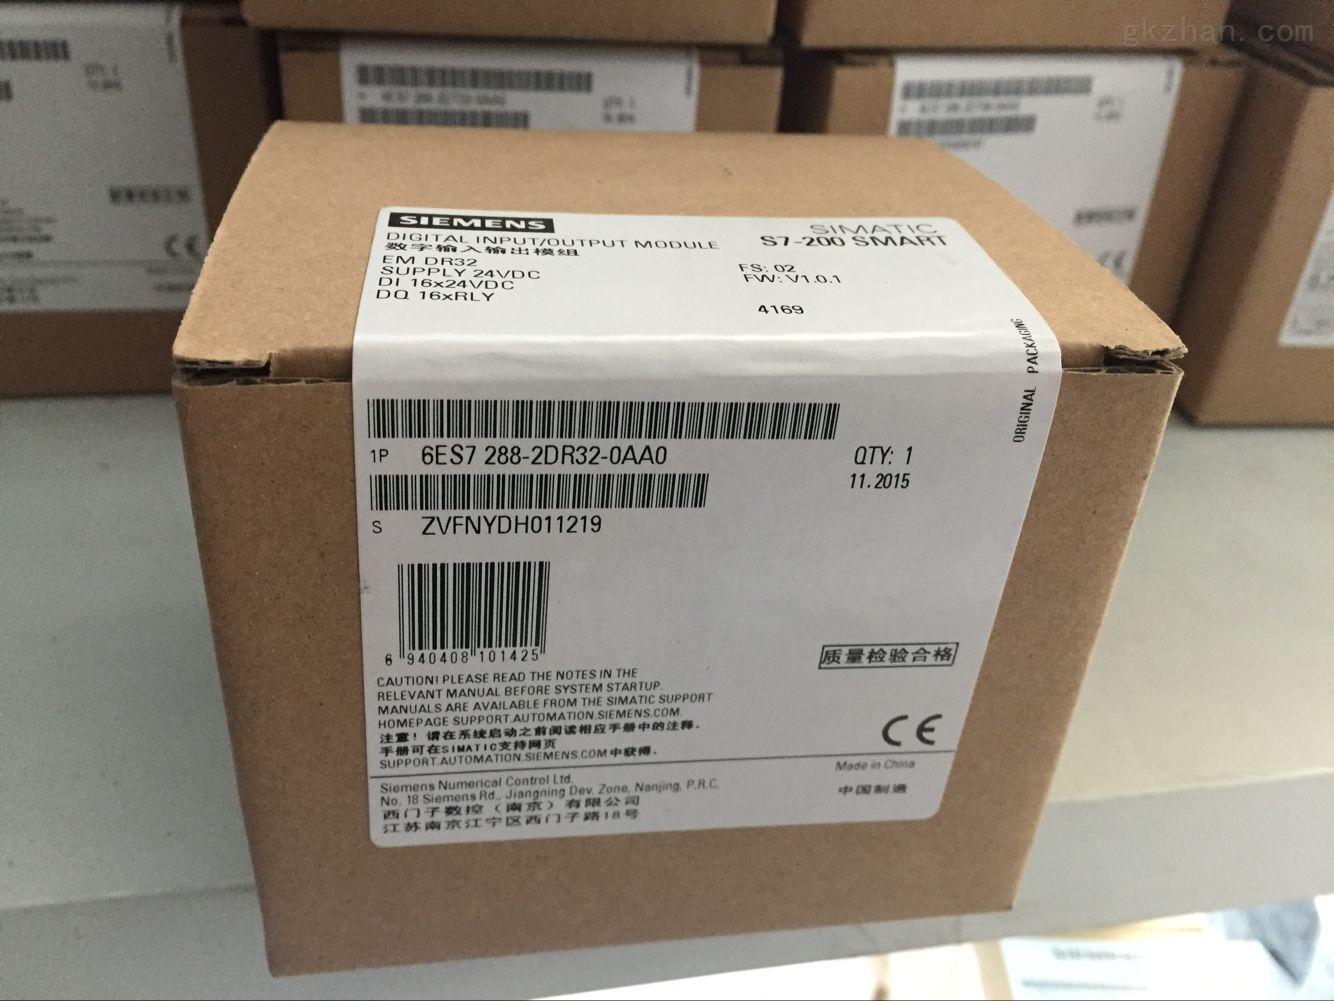 6es7288-2dr32-0aa0-西门子s7-200 plc代理商